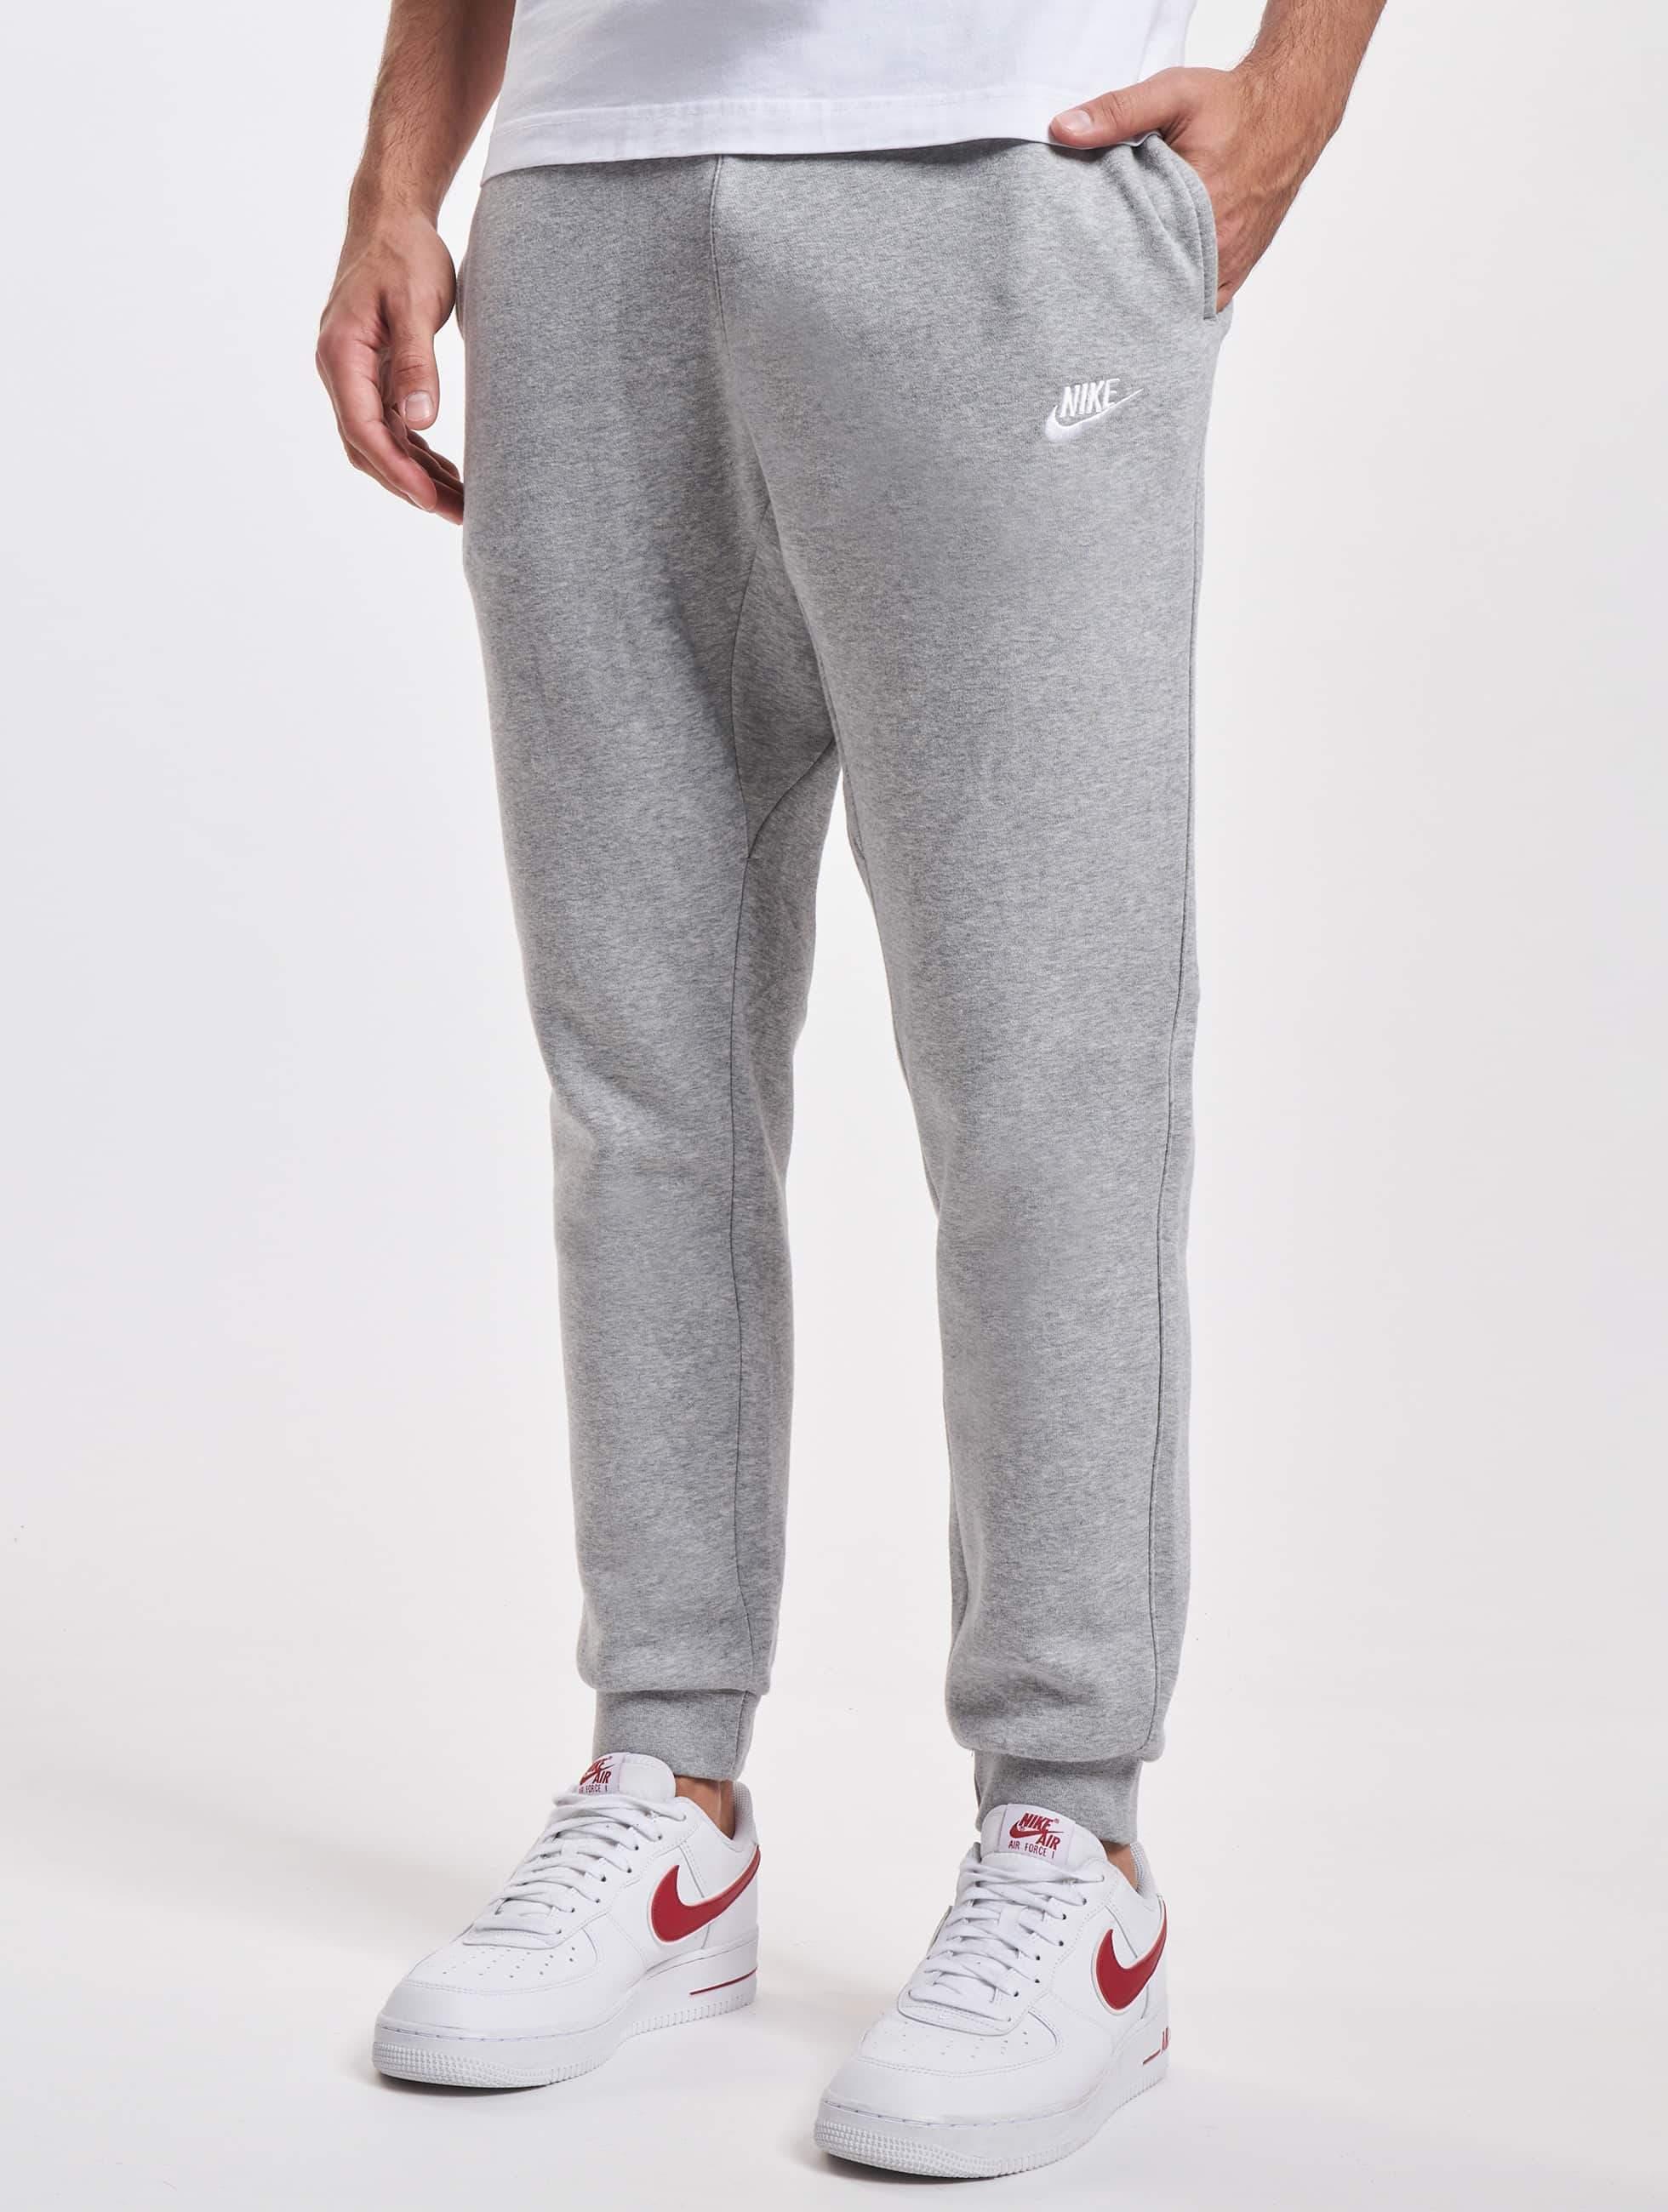 Nike Jogginghose Grau Herren